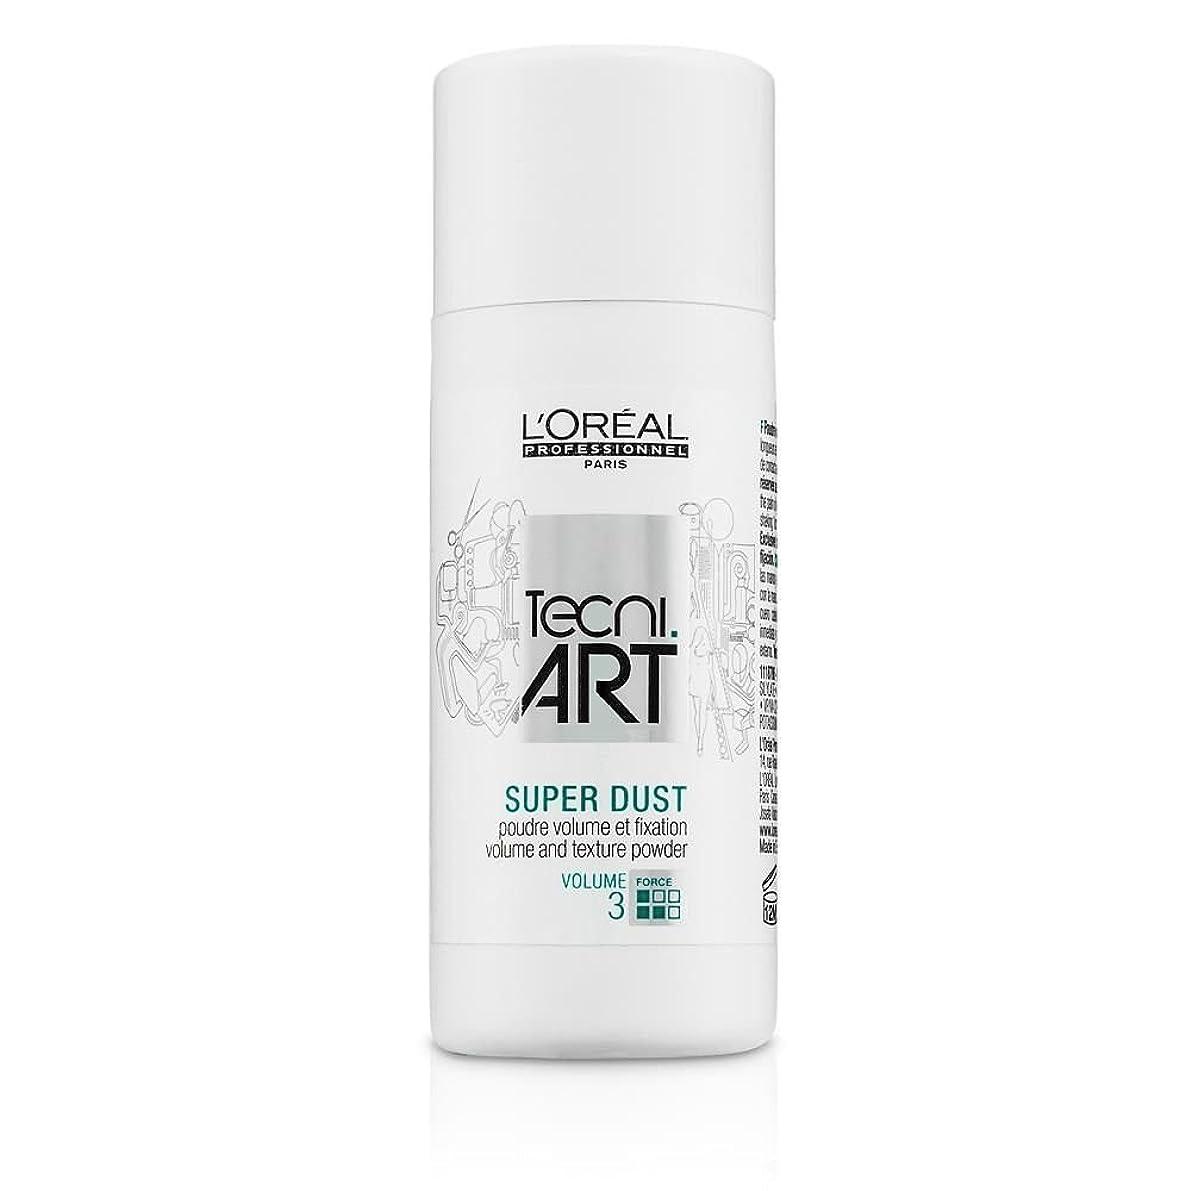 独立したレジデンス地図L'Oreal Tecni Art Super Dust - Volume And Texture Powder 7g [並行輸入品]